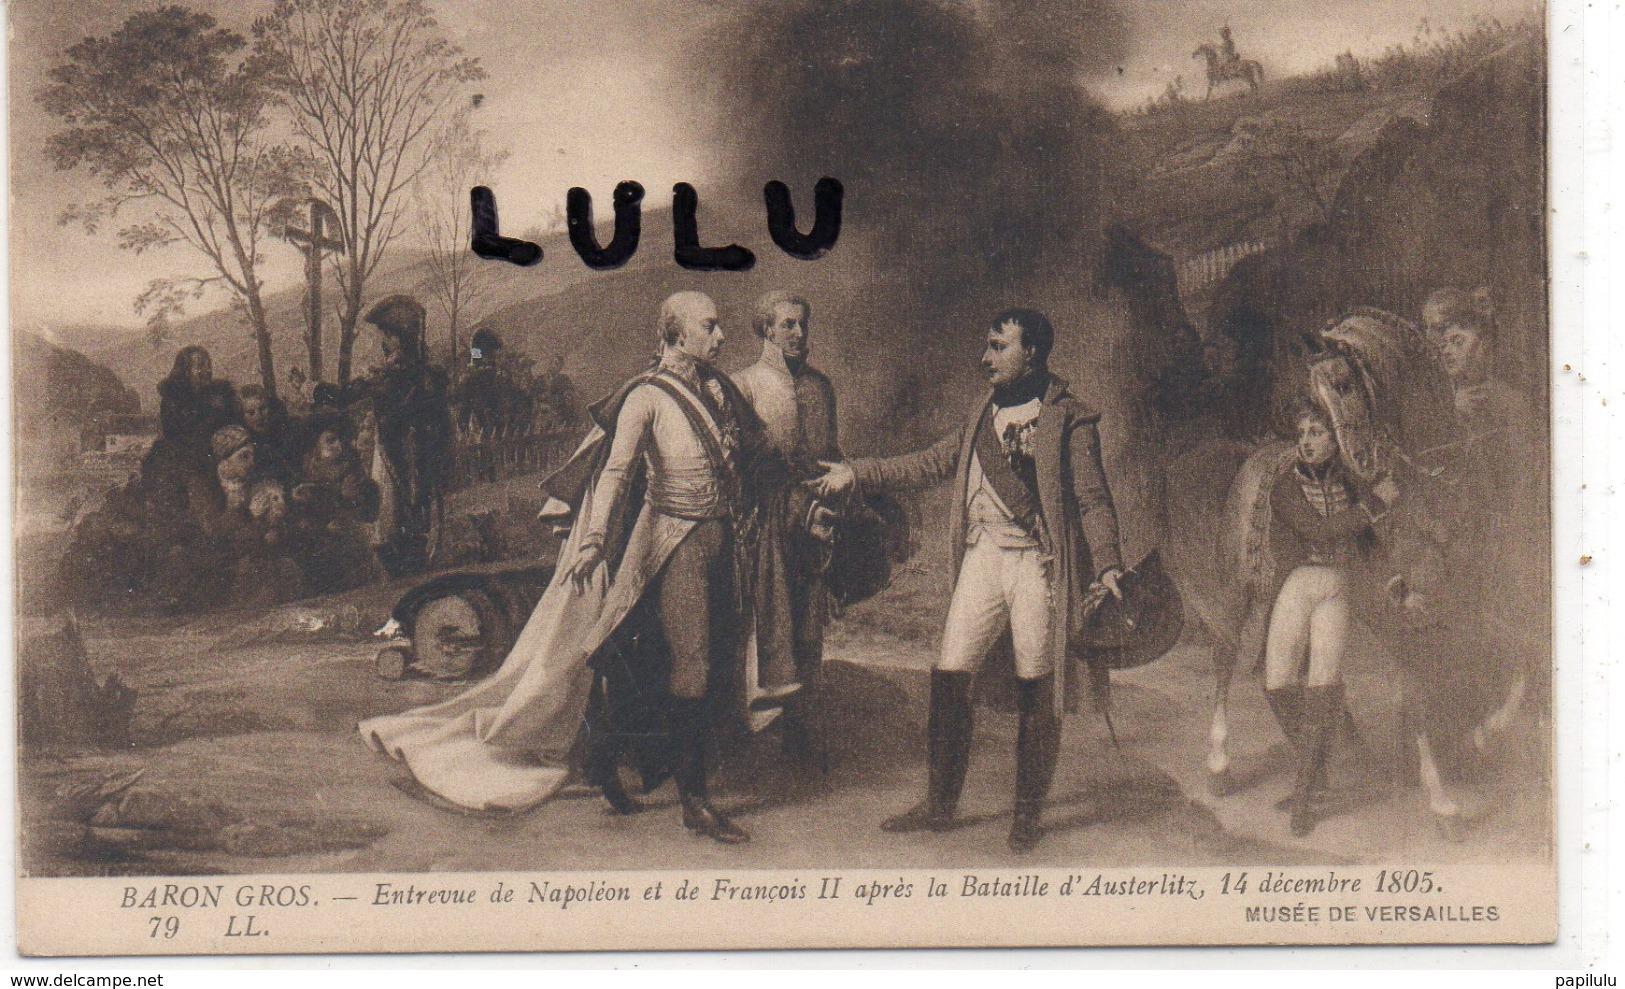 MILITARIA : Entrevue De Napoléon Et De Francois II Après La Bataille D Austerlitz 14 Décembre 1805 Par Baron Gros Suite - Andere Kriege